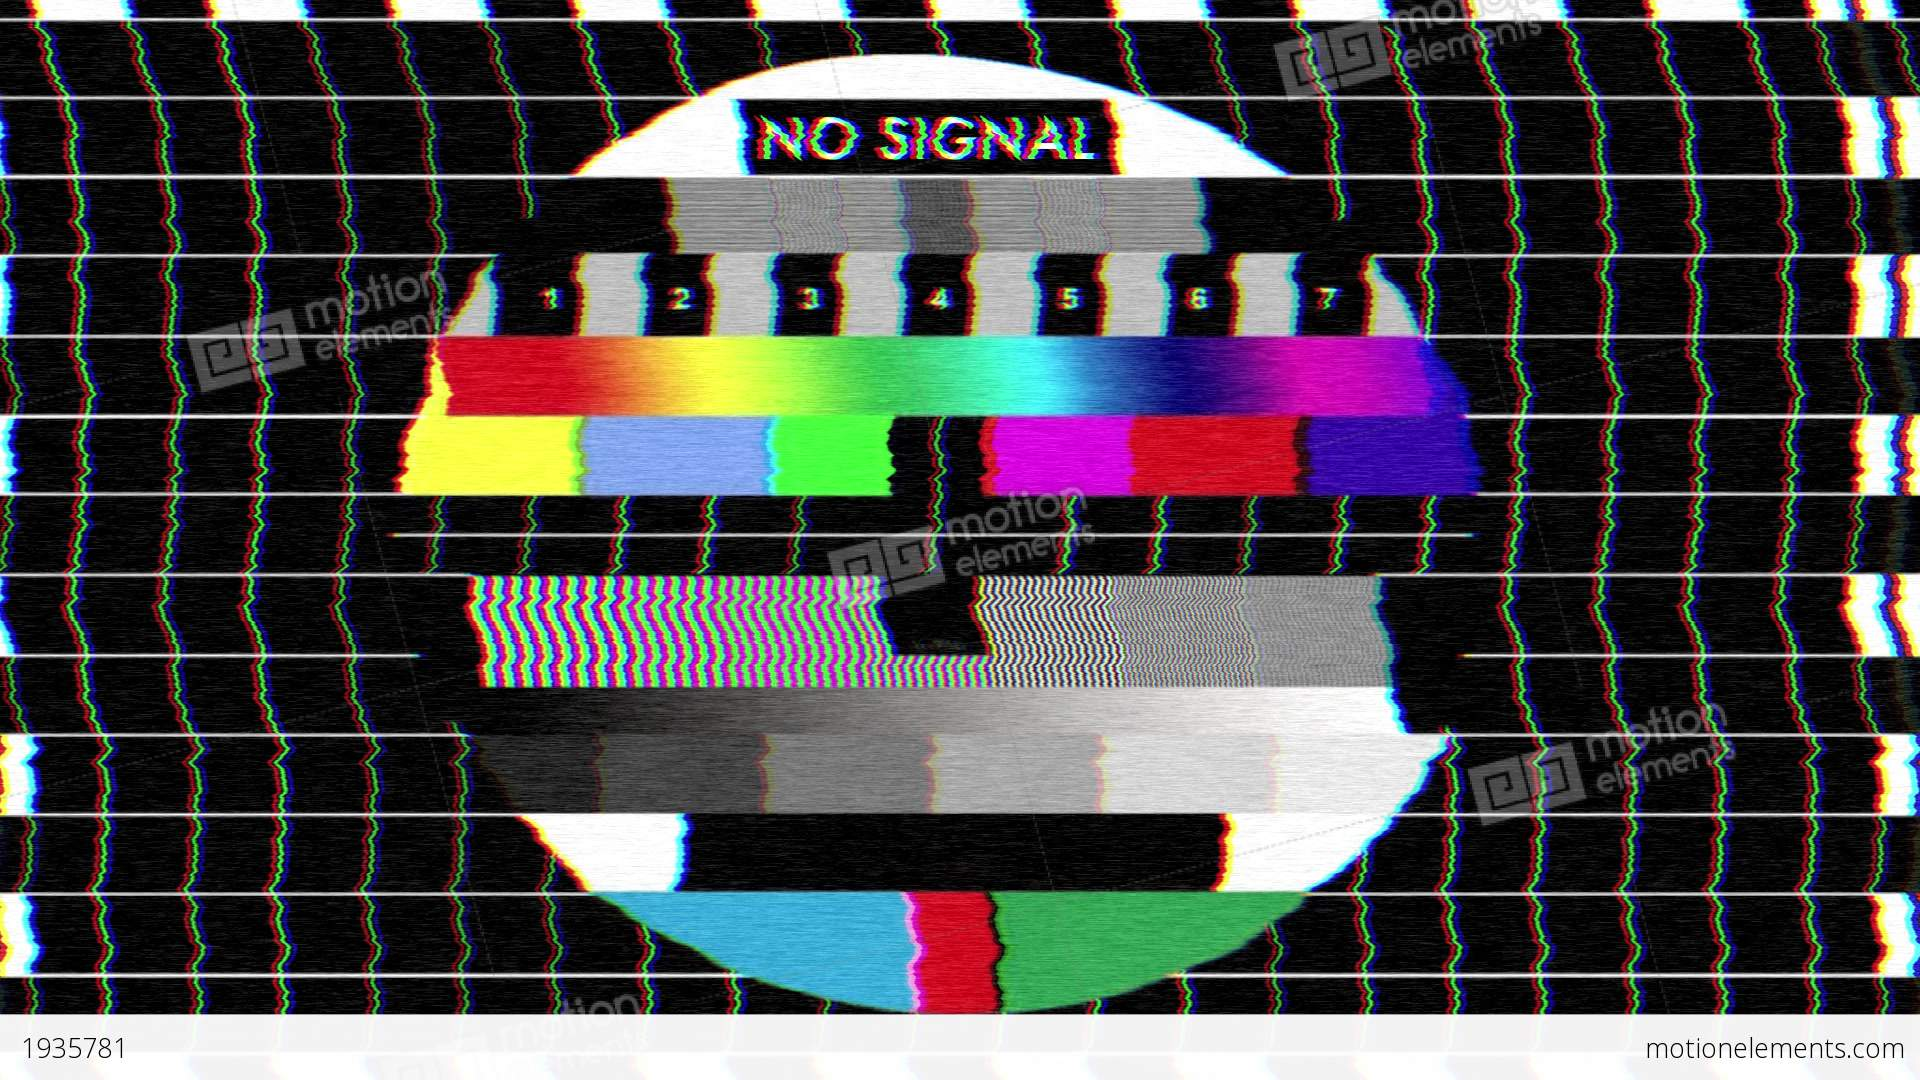 bad tv i static noise sound stock animation 1935781. Black Bedroom Furniture Sets. Home Design Ideas